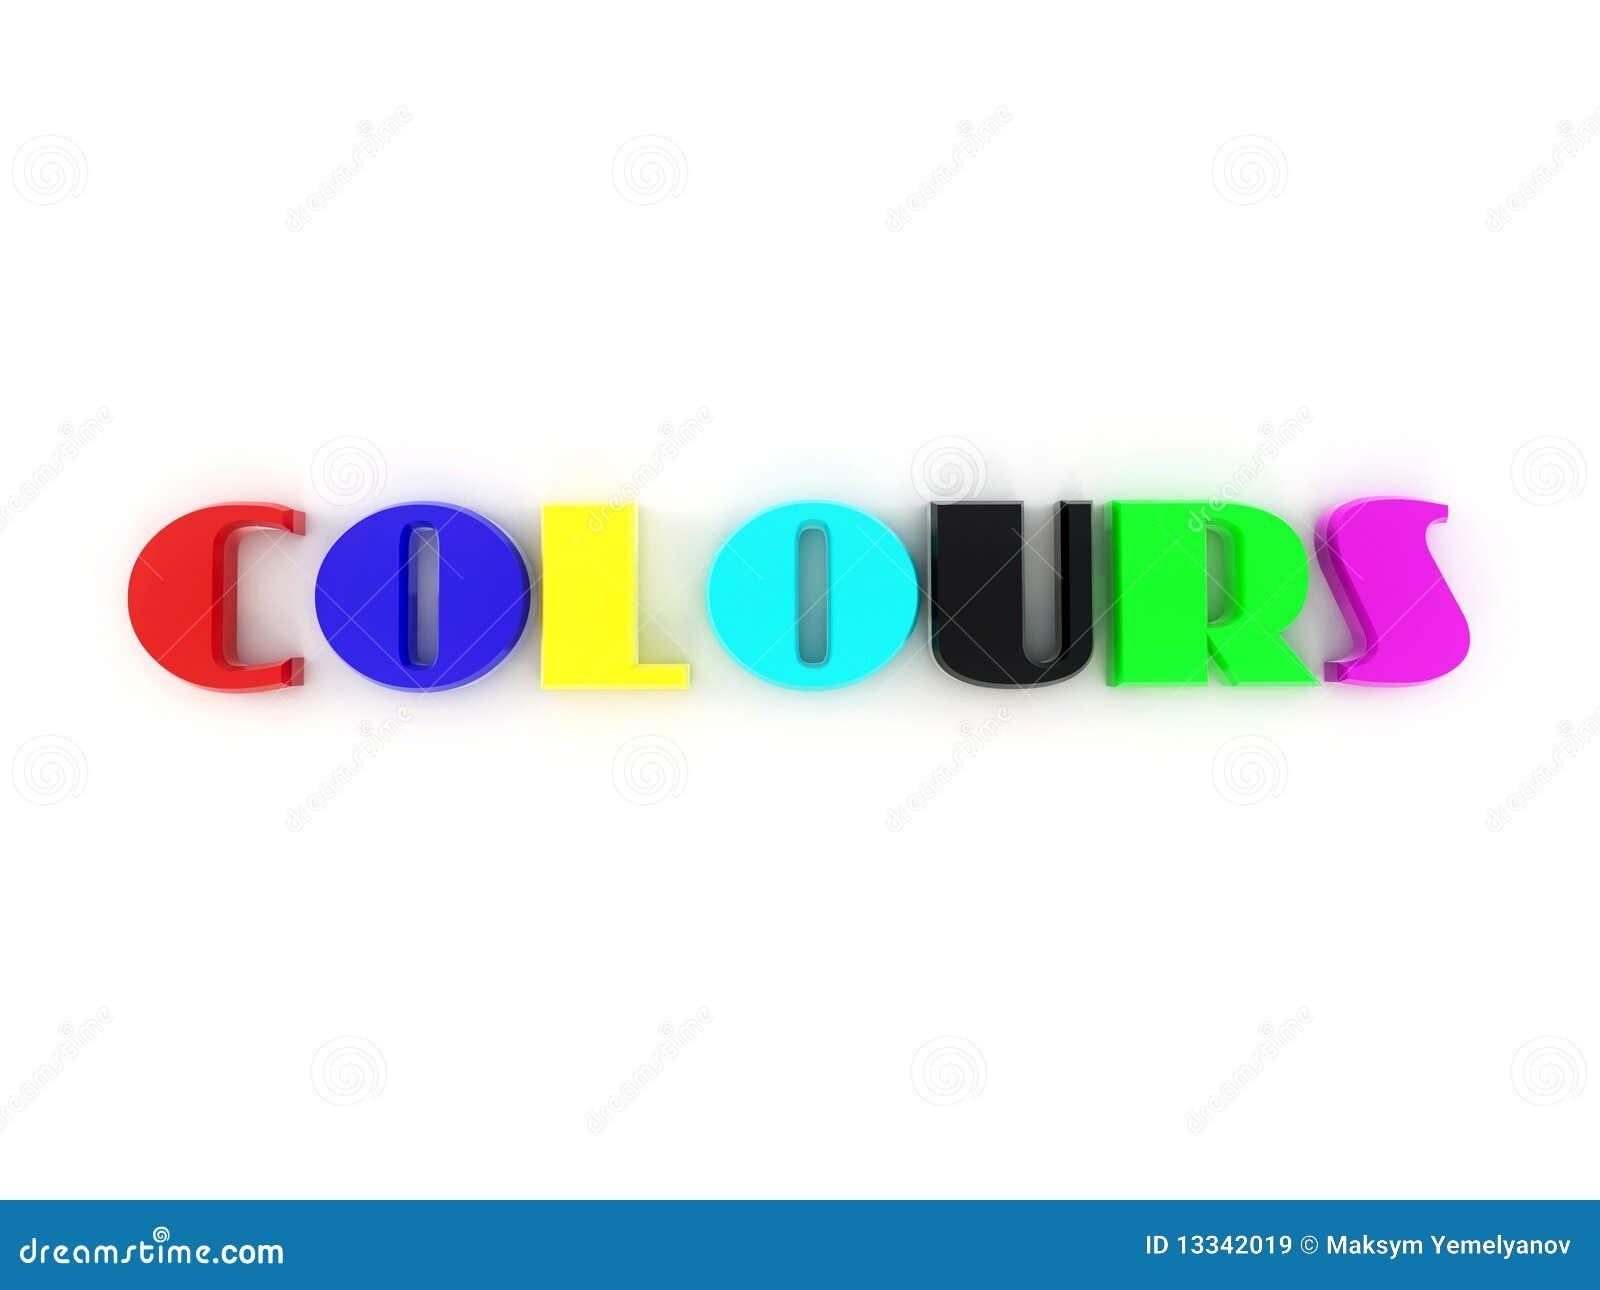 Colores. 3d